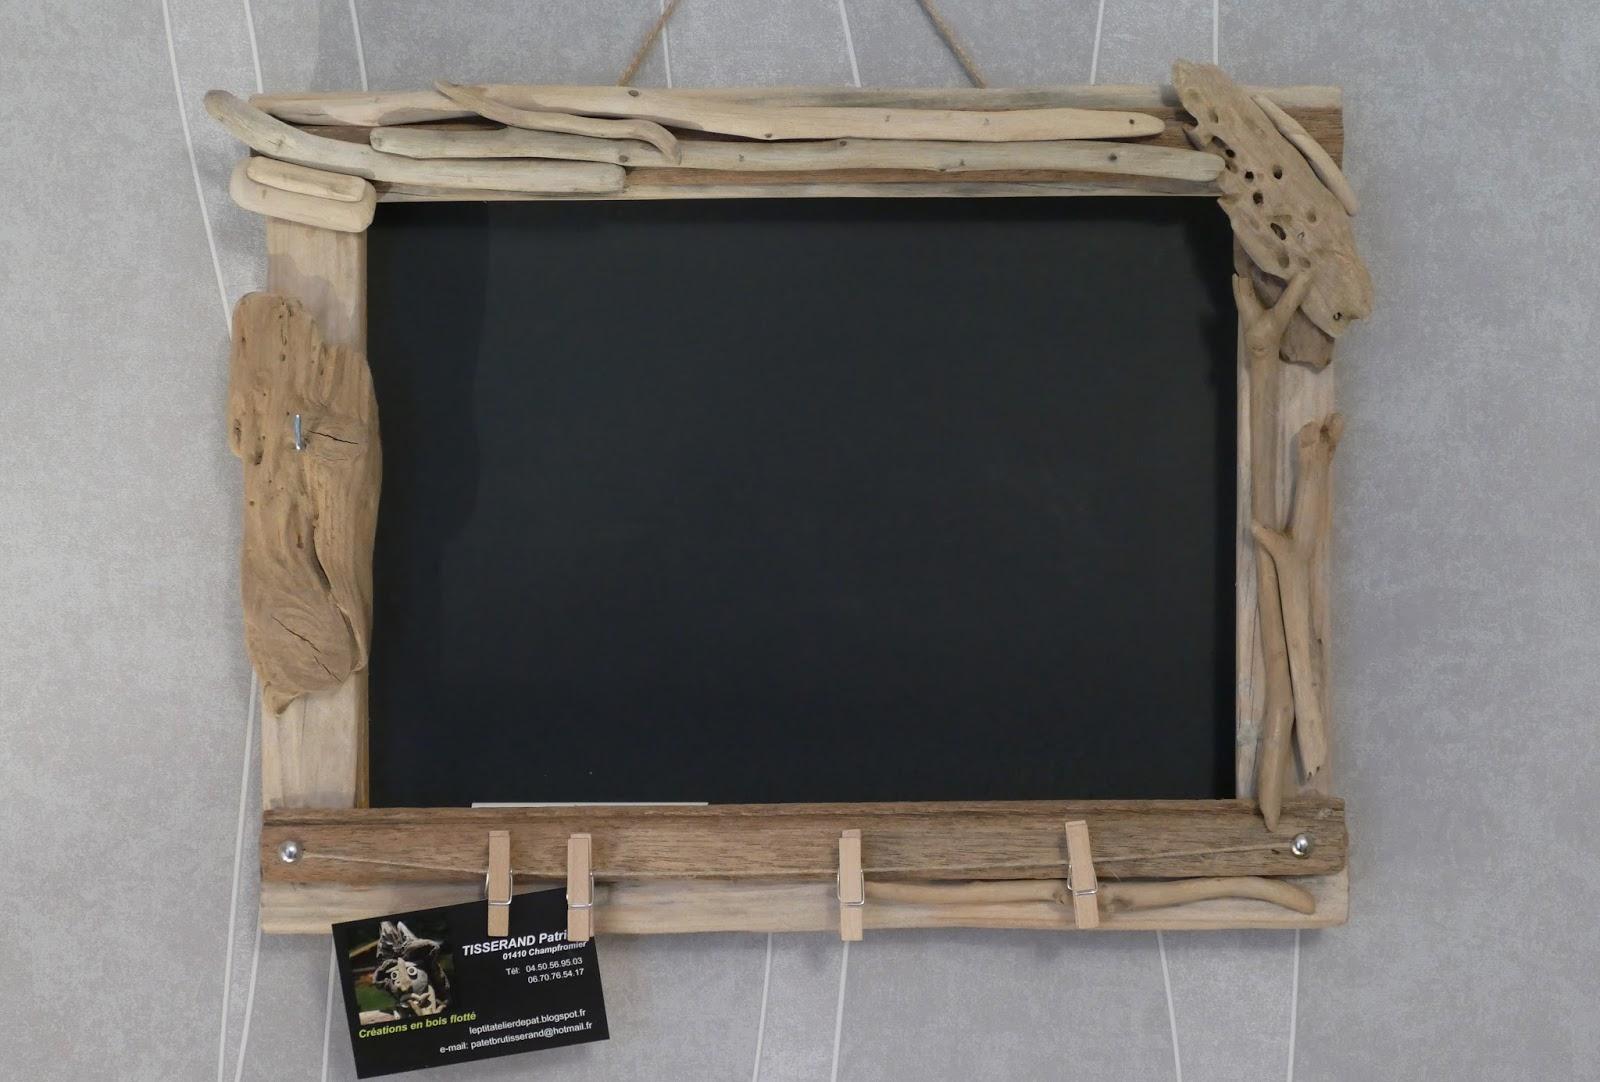 le p 39 tit atelier de pat bois flott et ardoise. Black Bedroom Furniture Sets. Home Design Ideas